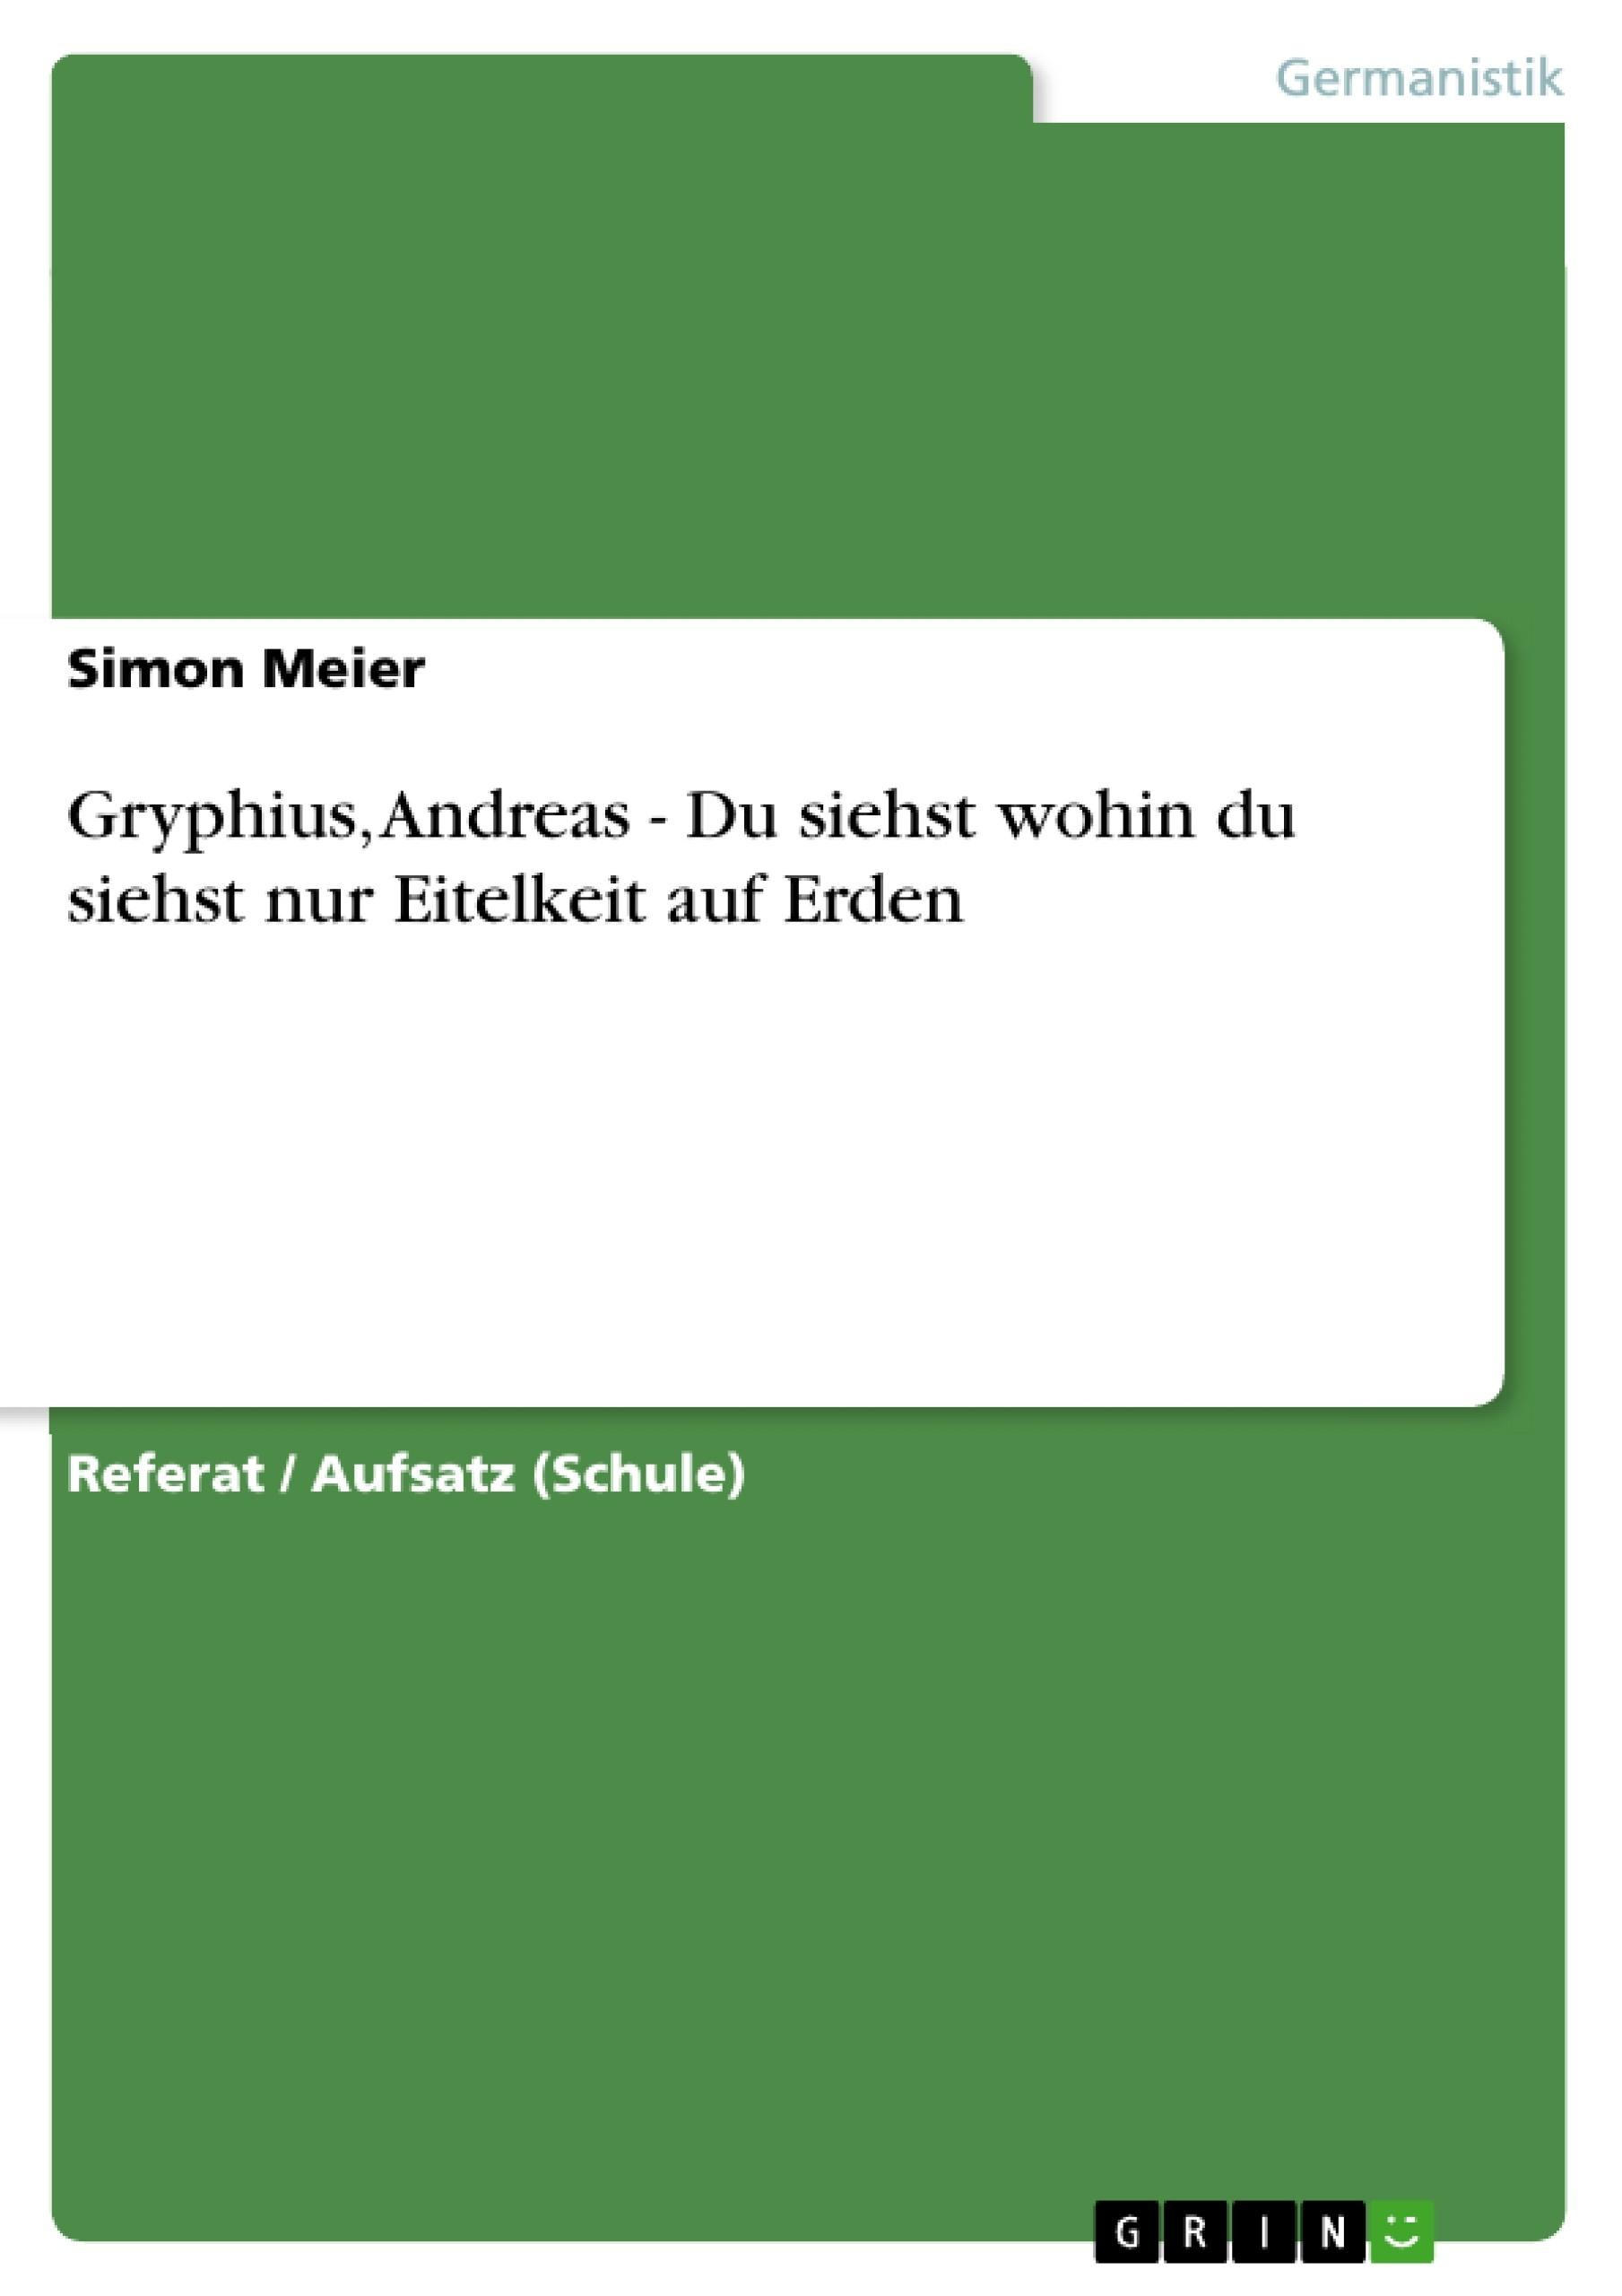 Titel: Gryphius, Andreas - Du siehst wohin du siehst nur Eitelkeit auf Erden